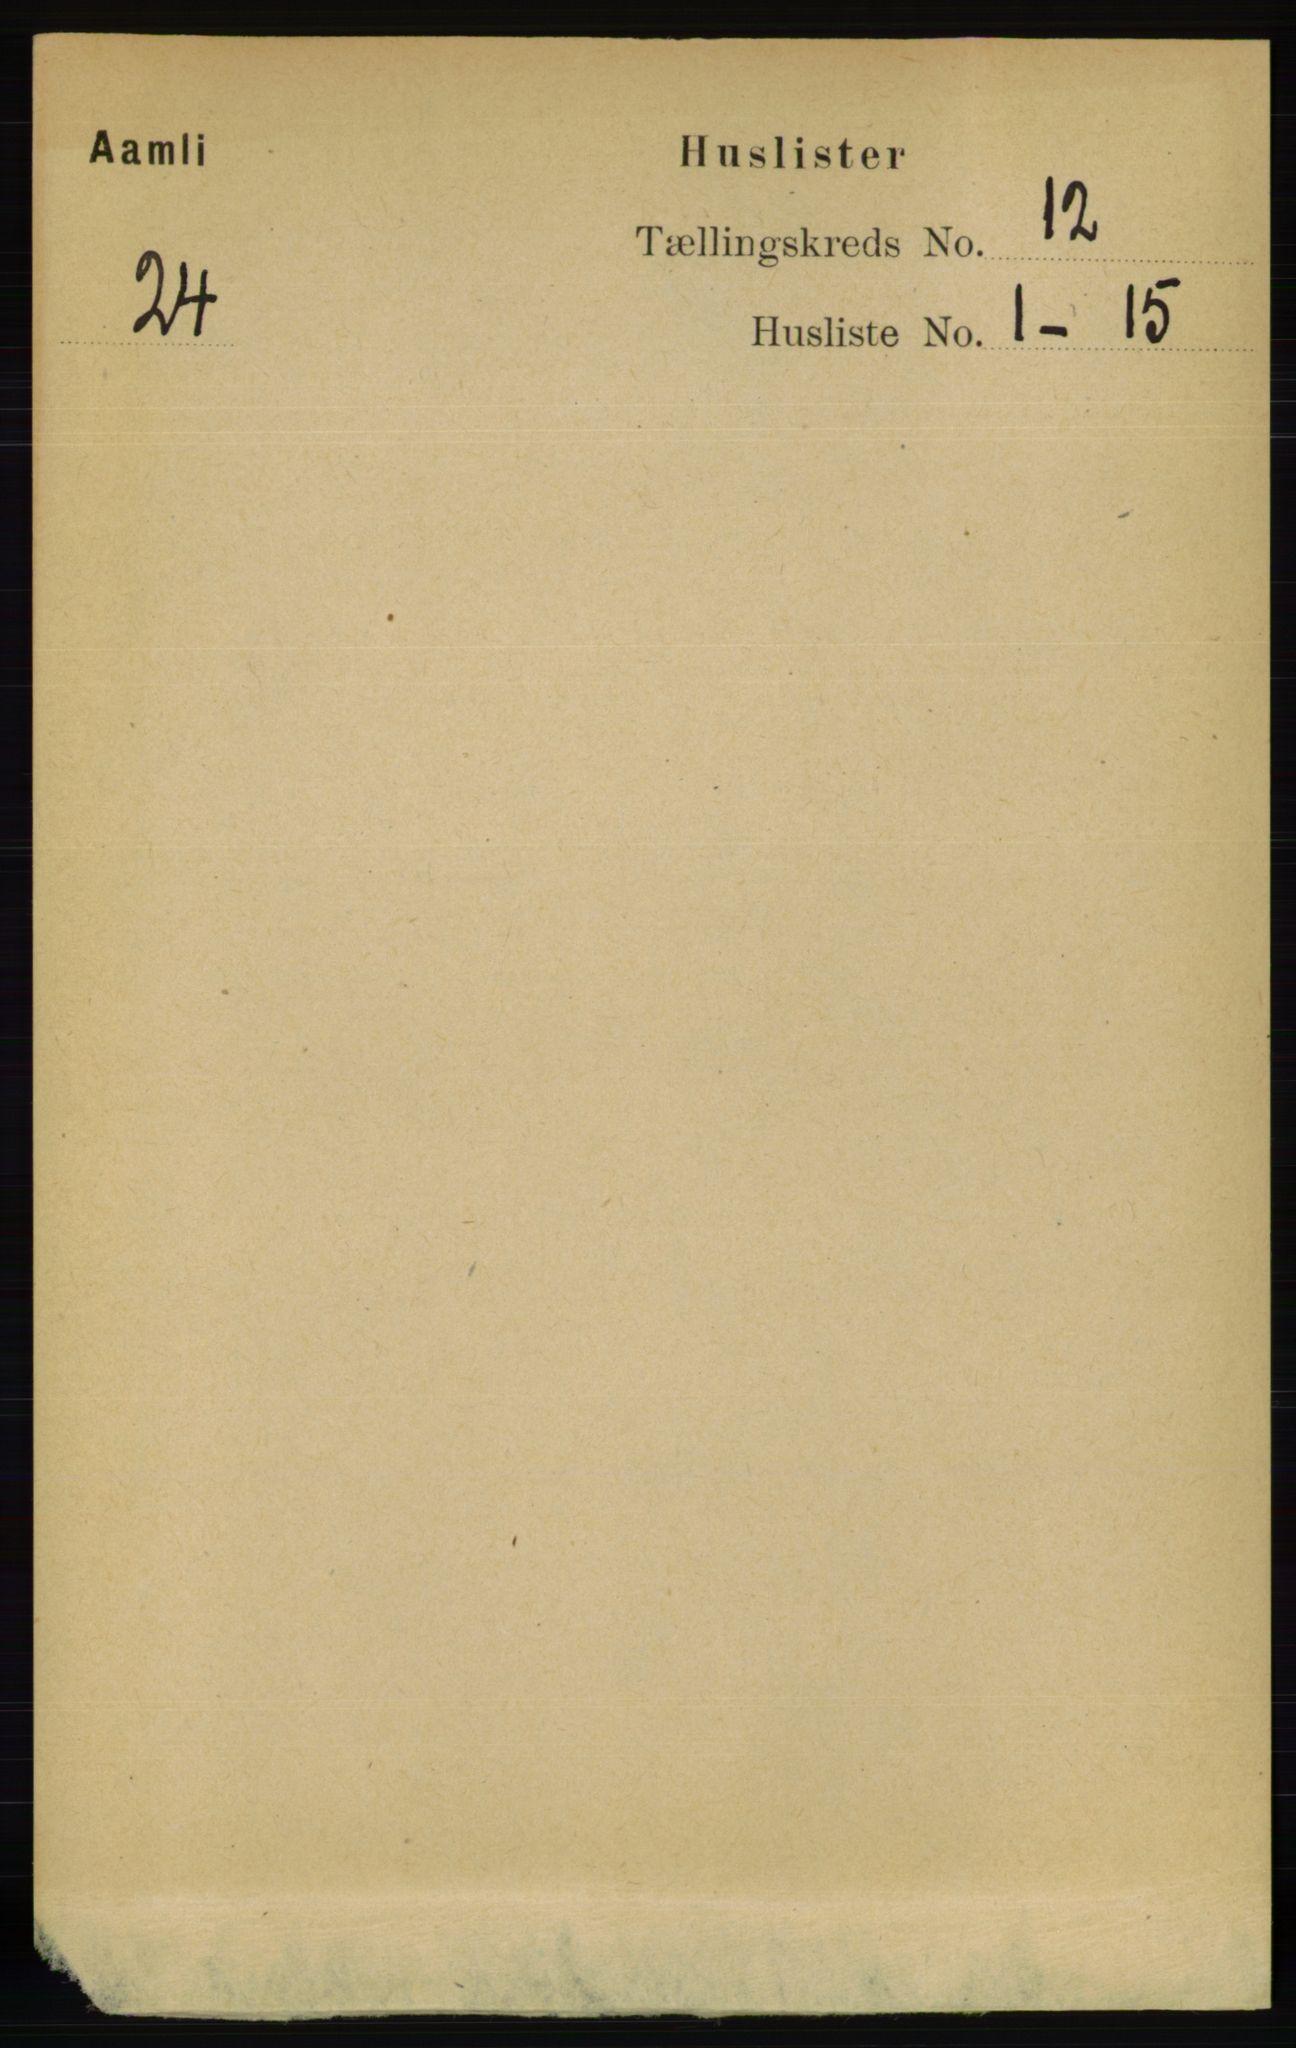 RA, Folketelling 1891 for 0929 Åmli herred, 1891, s. 2017